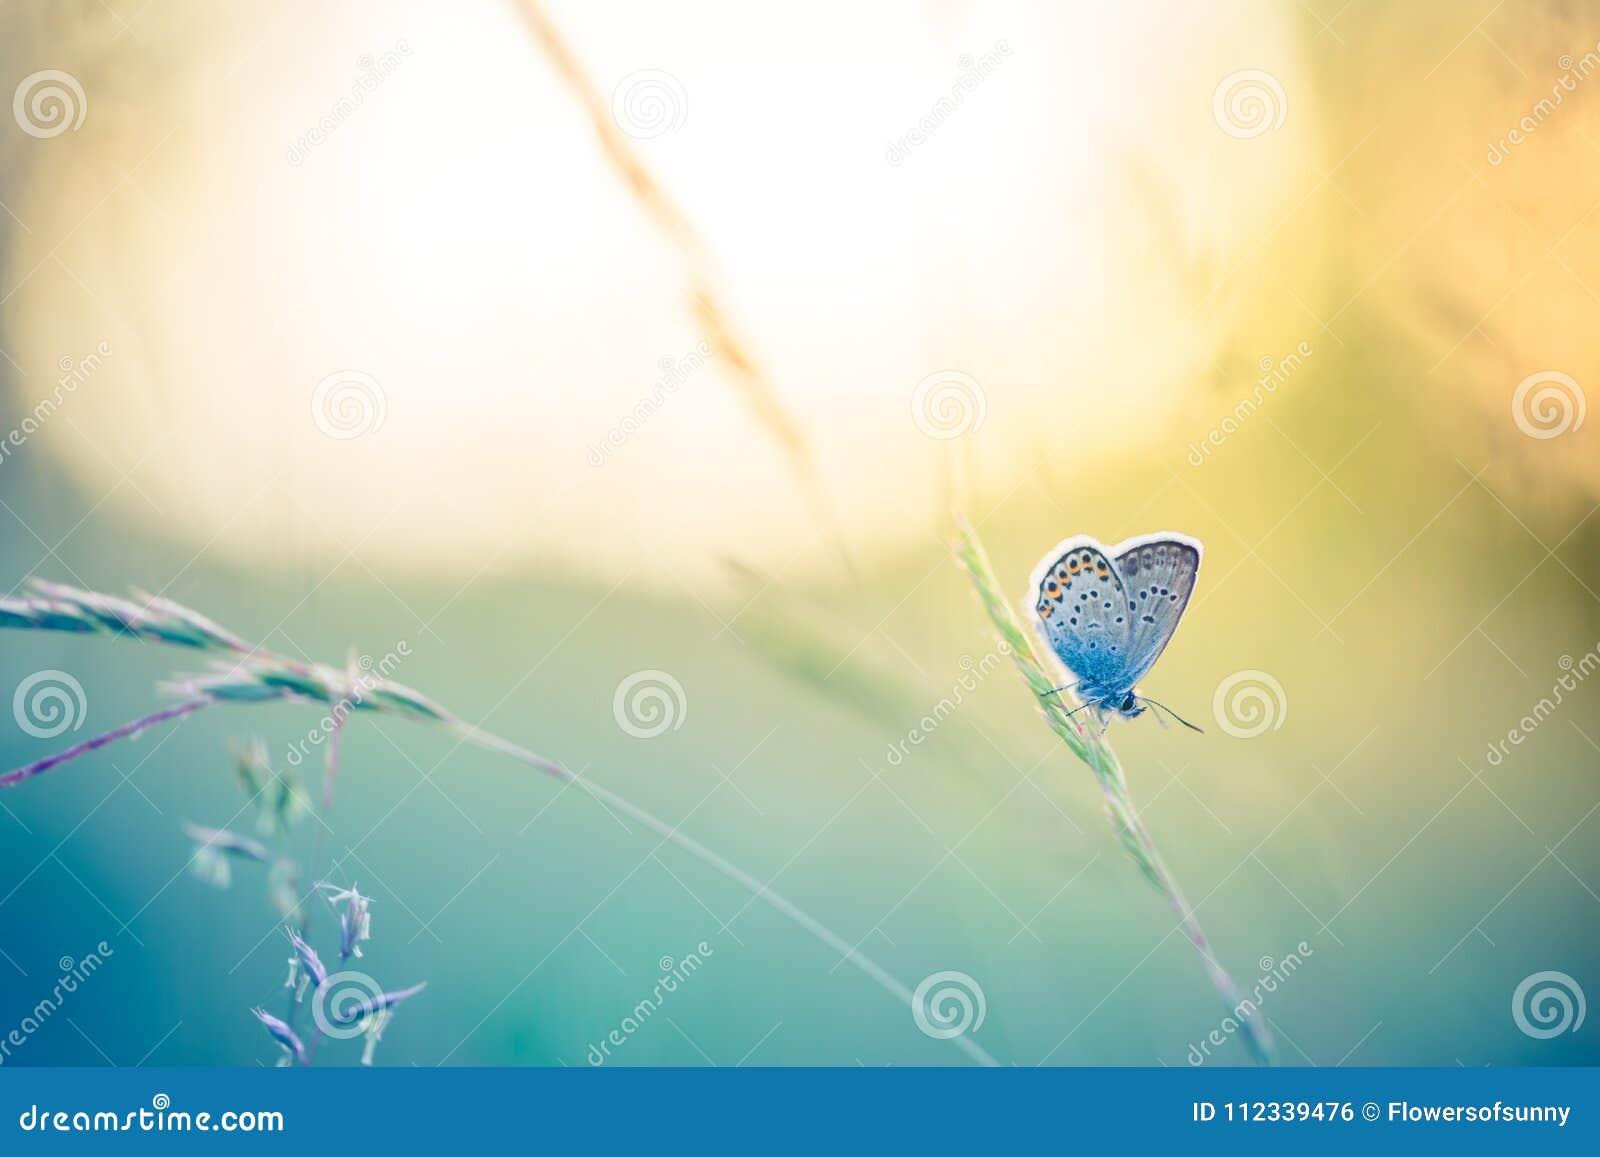 Mooi aardclose-up, de zomerbloemen en vlinder onder zonlicht Kalme aardachtergrond